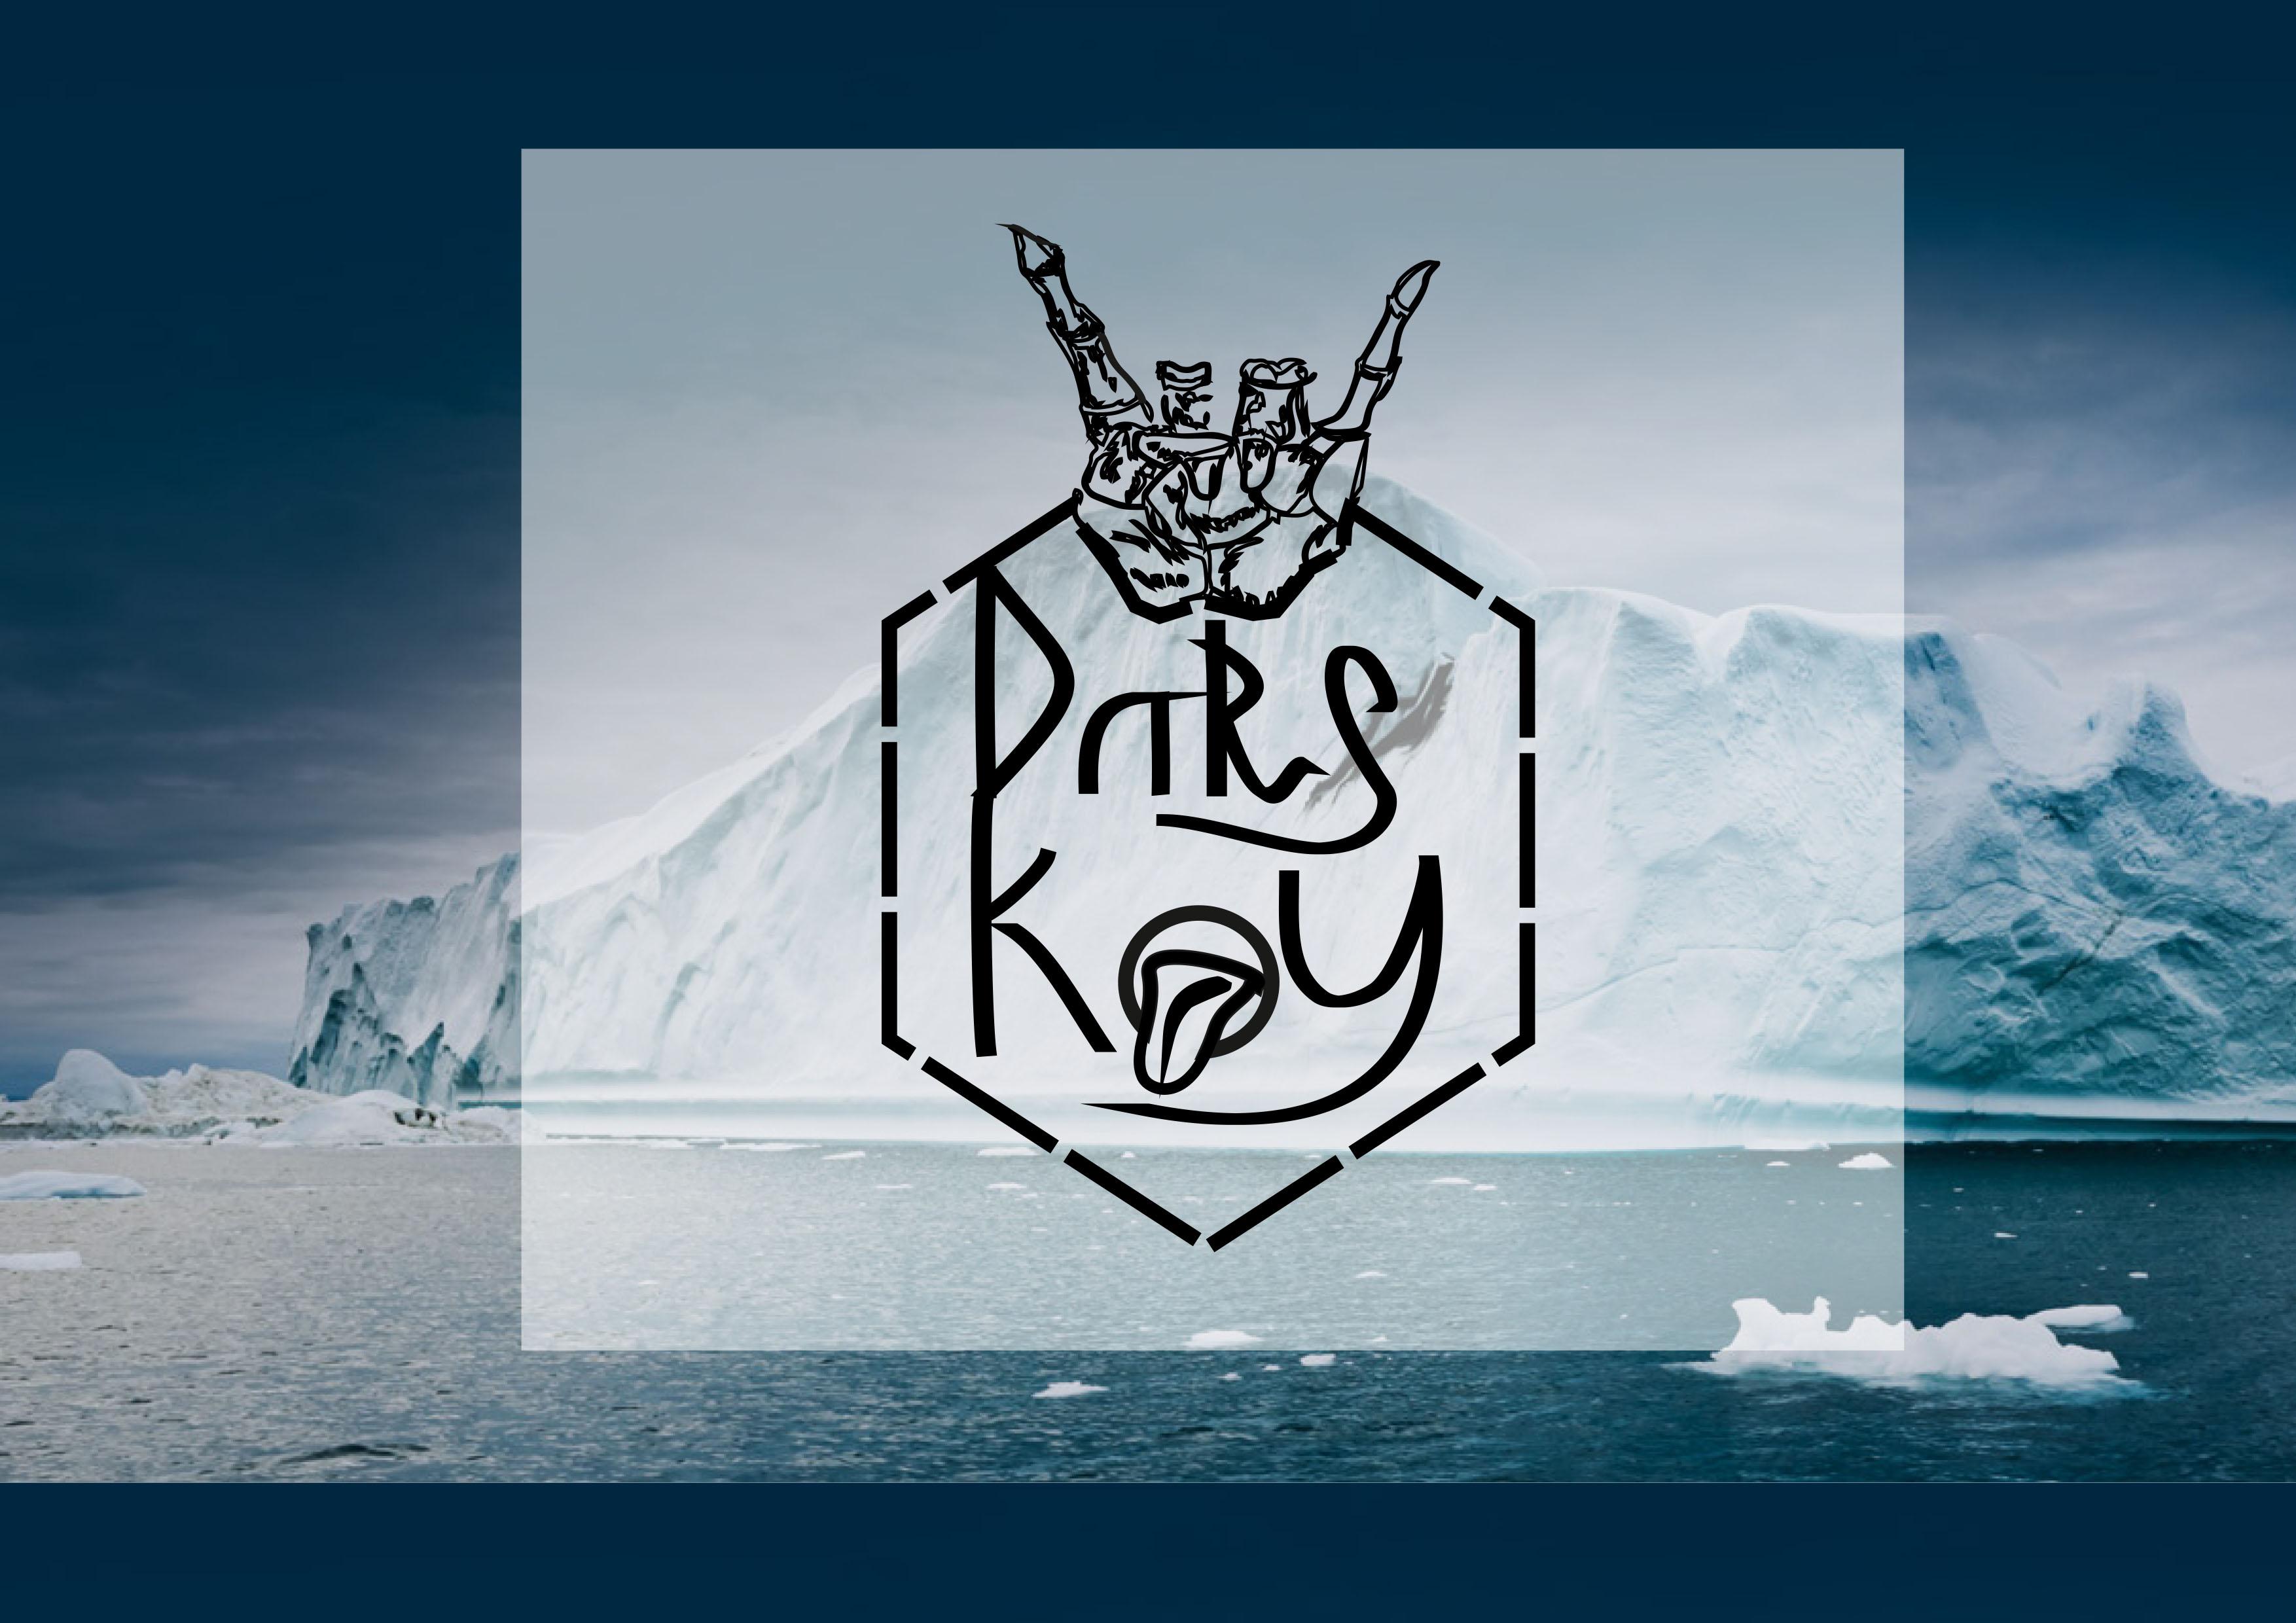 Нарисовать логотип для сольного музыкального проекта фото f_7665ba7be77e9470.jpg